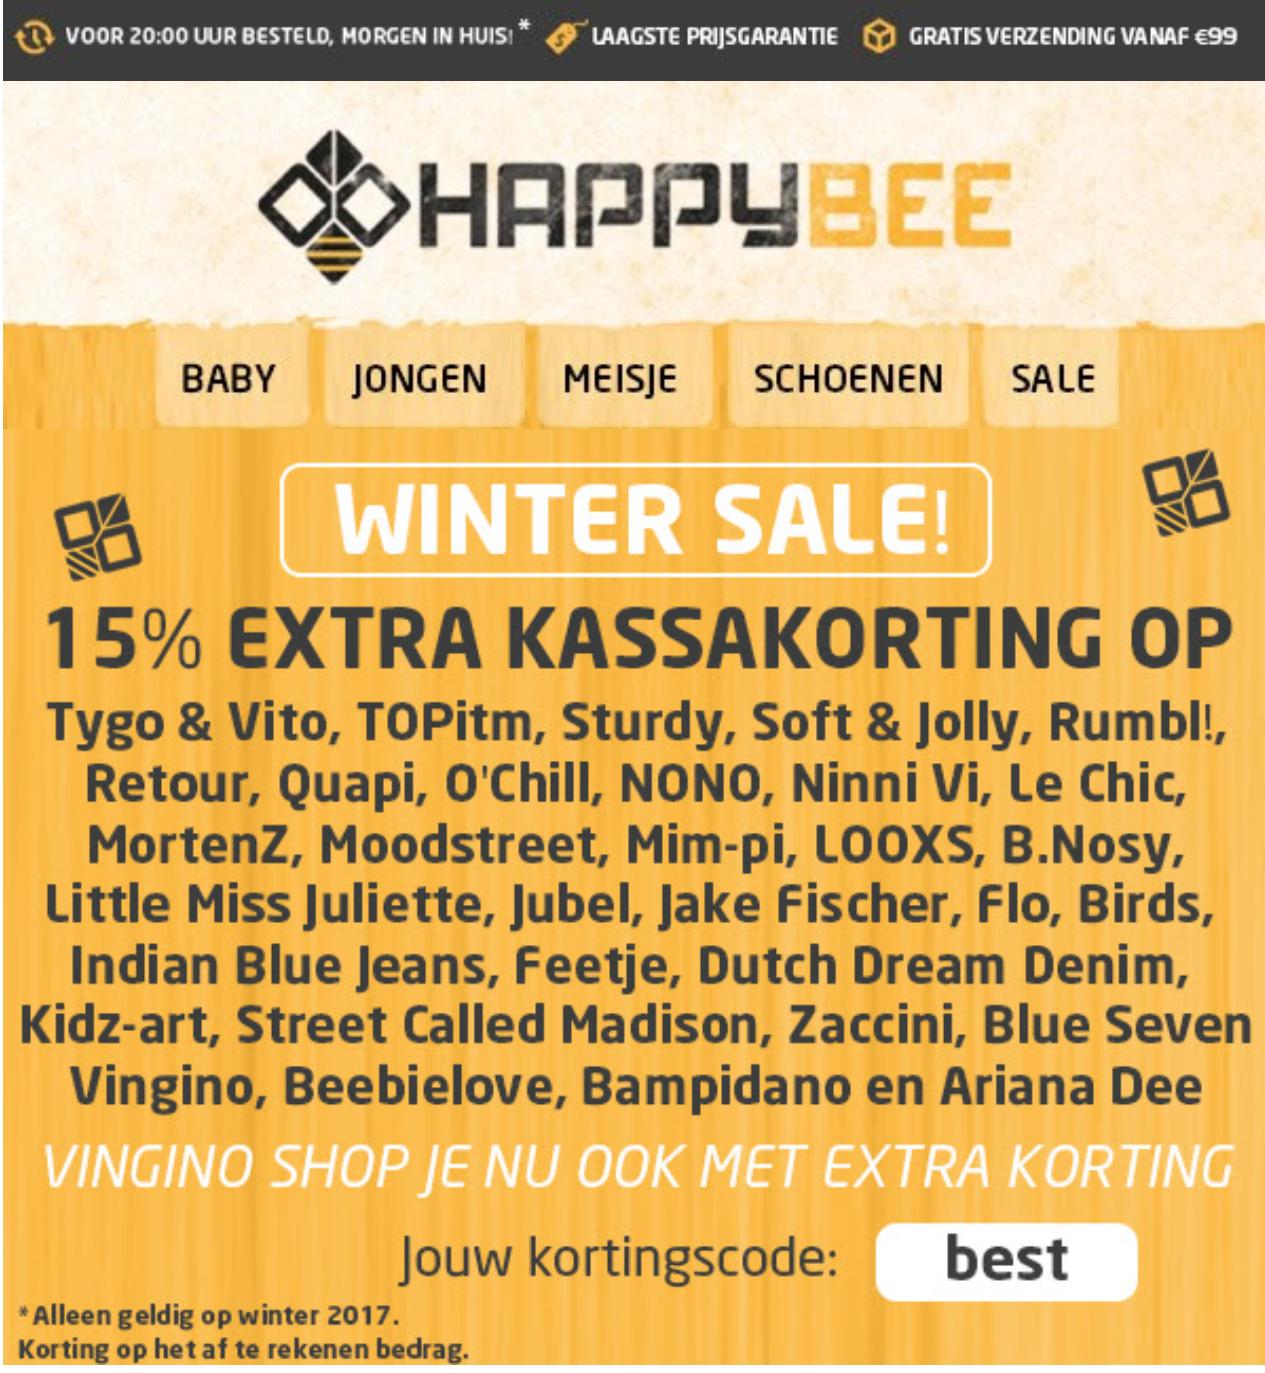 Tot 70% + 15% korting op kinderkleding @Happybee